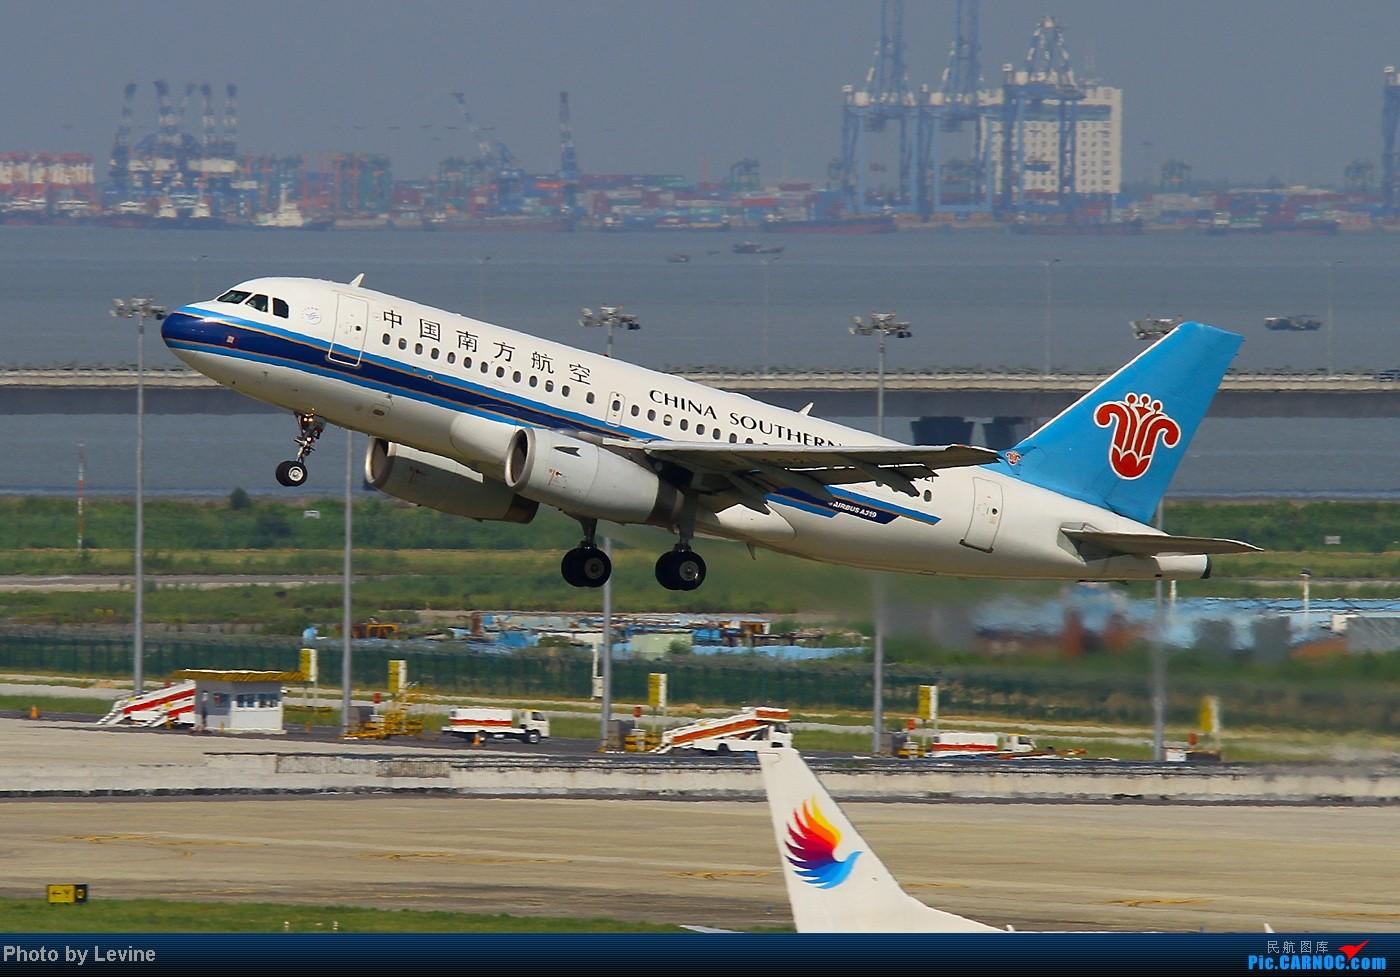 [原创]◇ ◇ ◇ ◇ ◇ 腾飞 1400+大图◇ ◇ ◇ ◇ ◇ AIRBUS A319-100 B-6021 中国深圳宝安机场